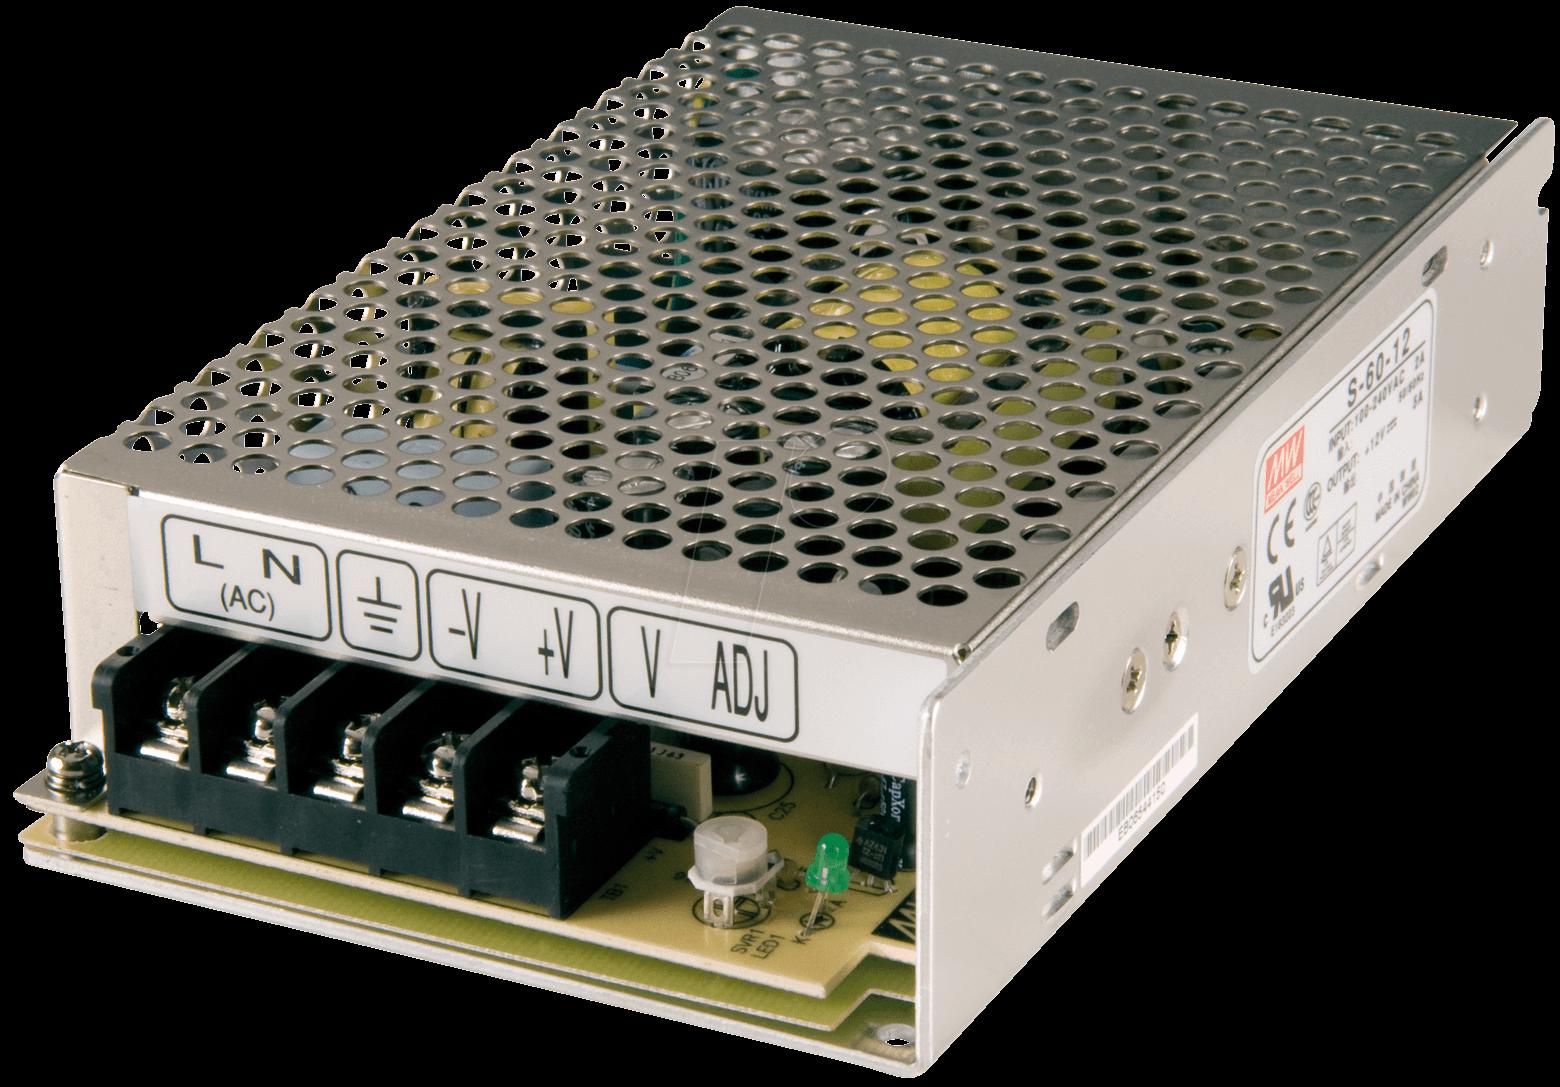 SNT MW60-12 - Schaltnetzteil, geschlossen, 12V / 5,0A / 60W